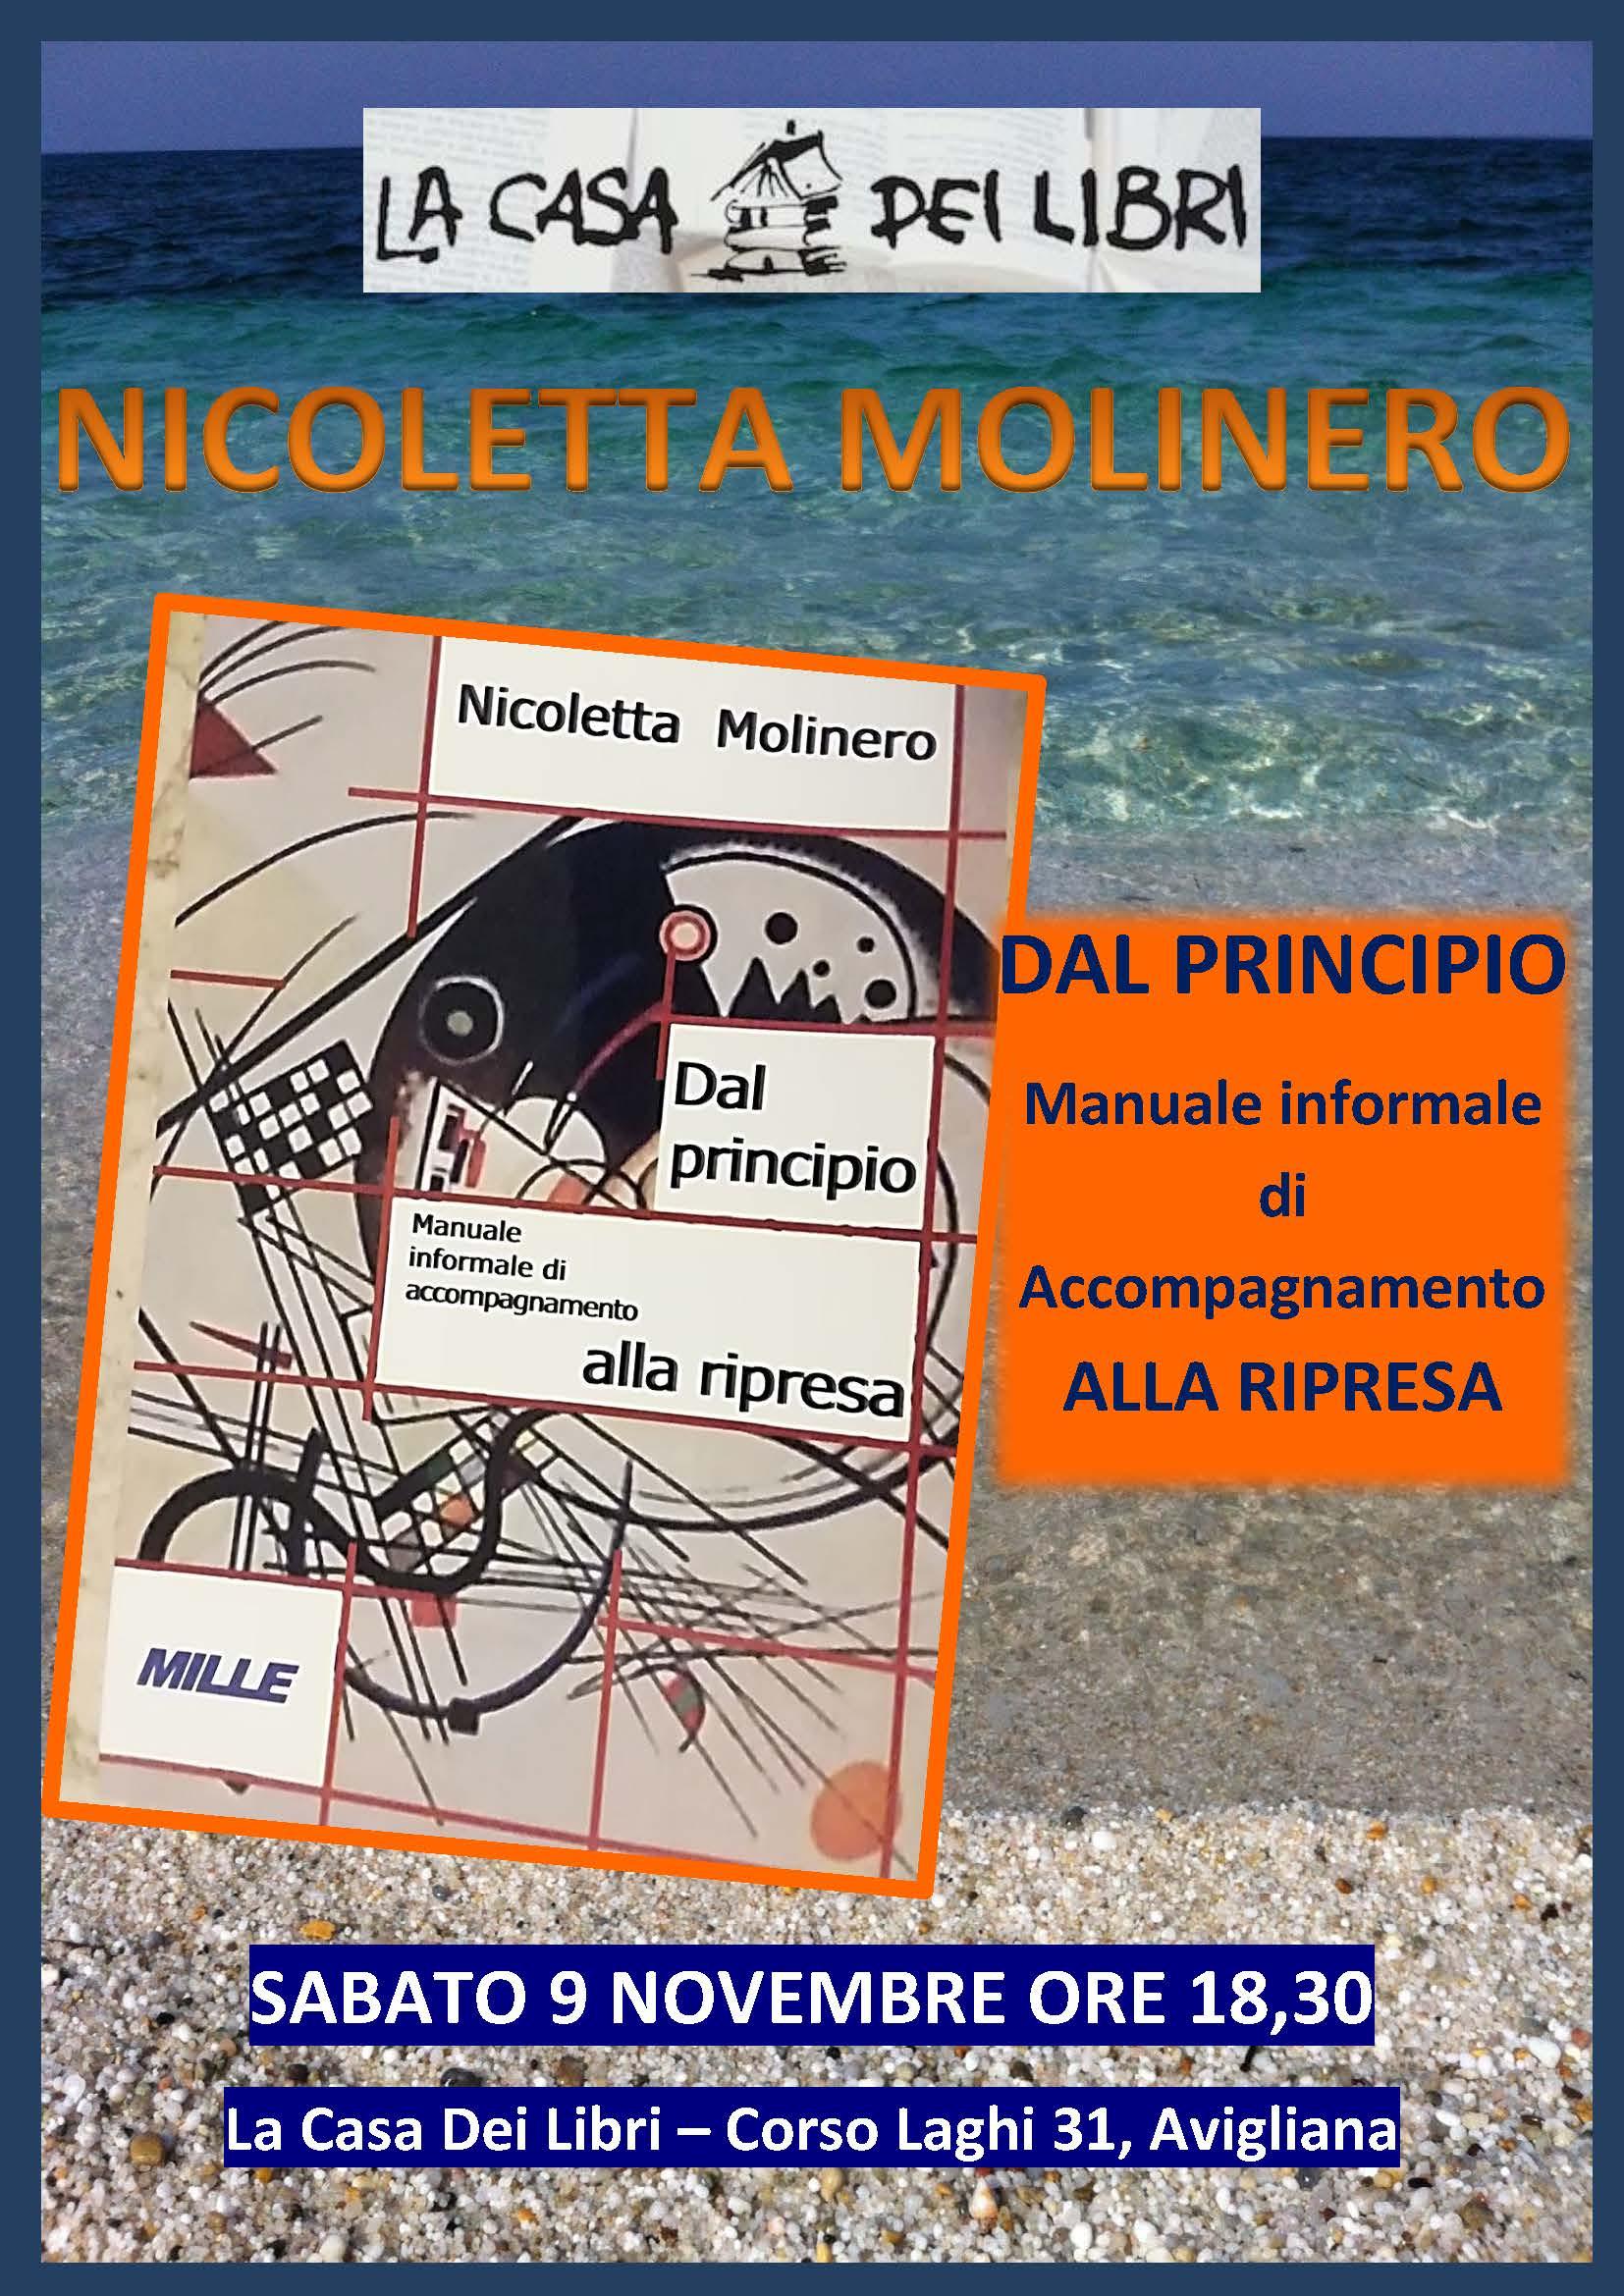 Dal principio, manuale informale di accompagnamento alla ripresa. Il libro di Nicoletta Molinero.